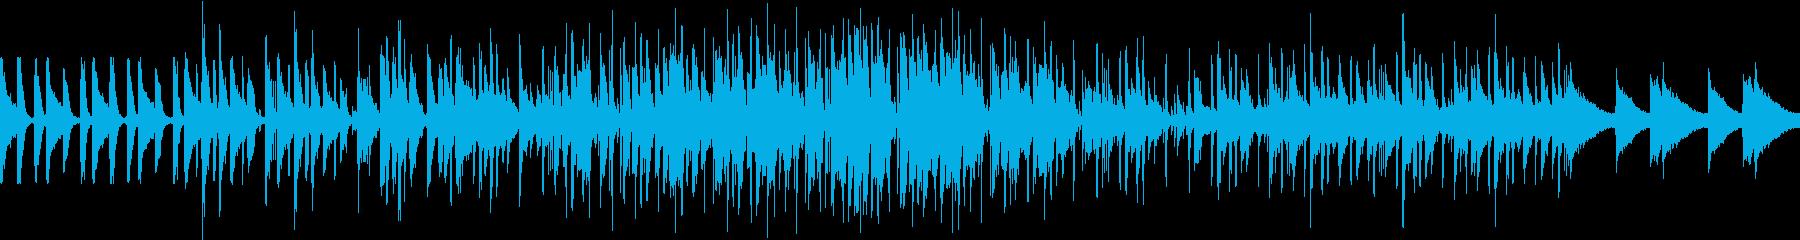 ゲームの酒場をイメージしたポップピアノ曲の再生済みの波形